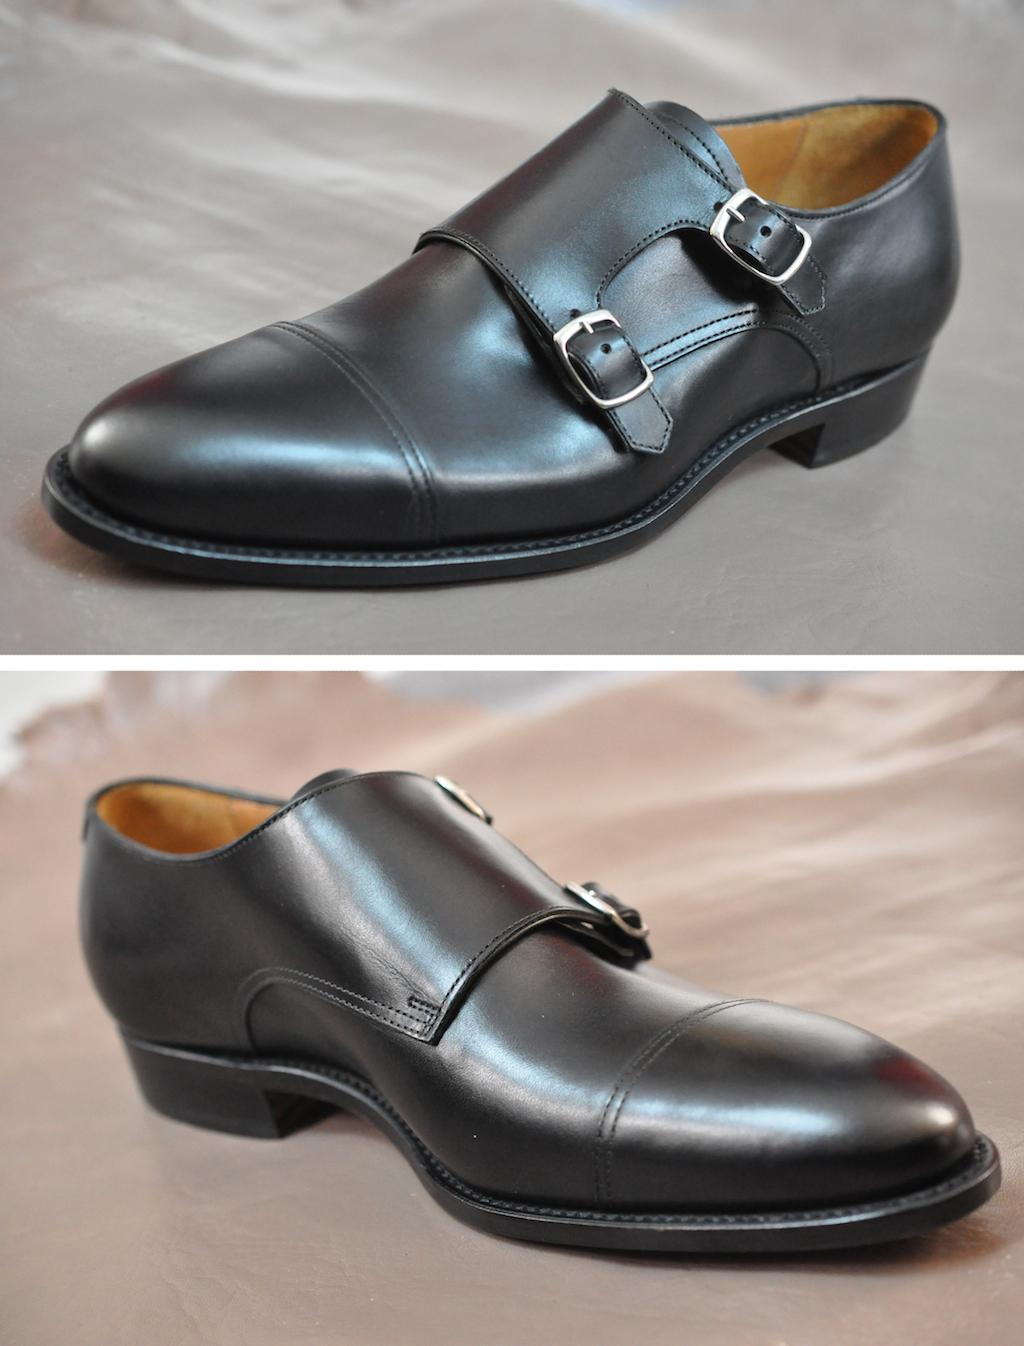 chaussures et accessoires loding le blog de monsieur. Black Bedroom Furniture Sets. Home Design Ideas